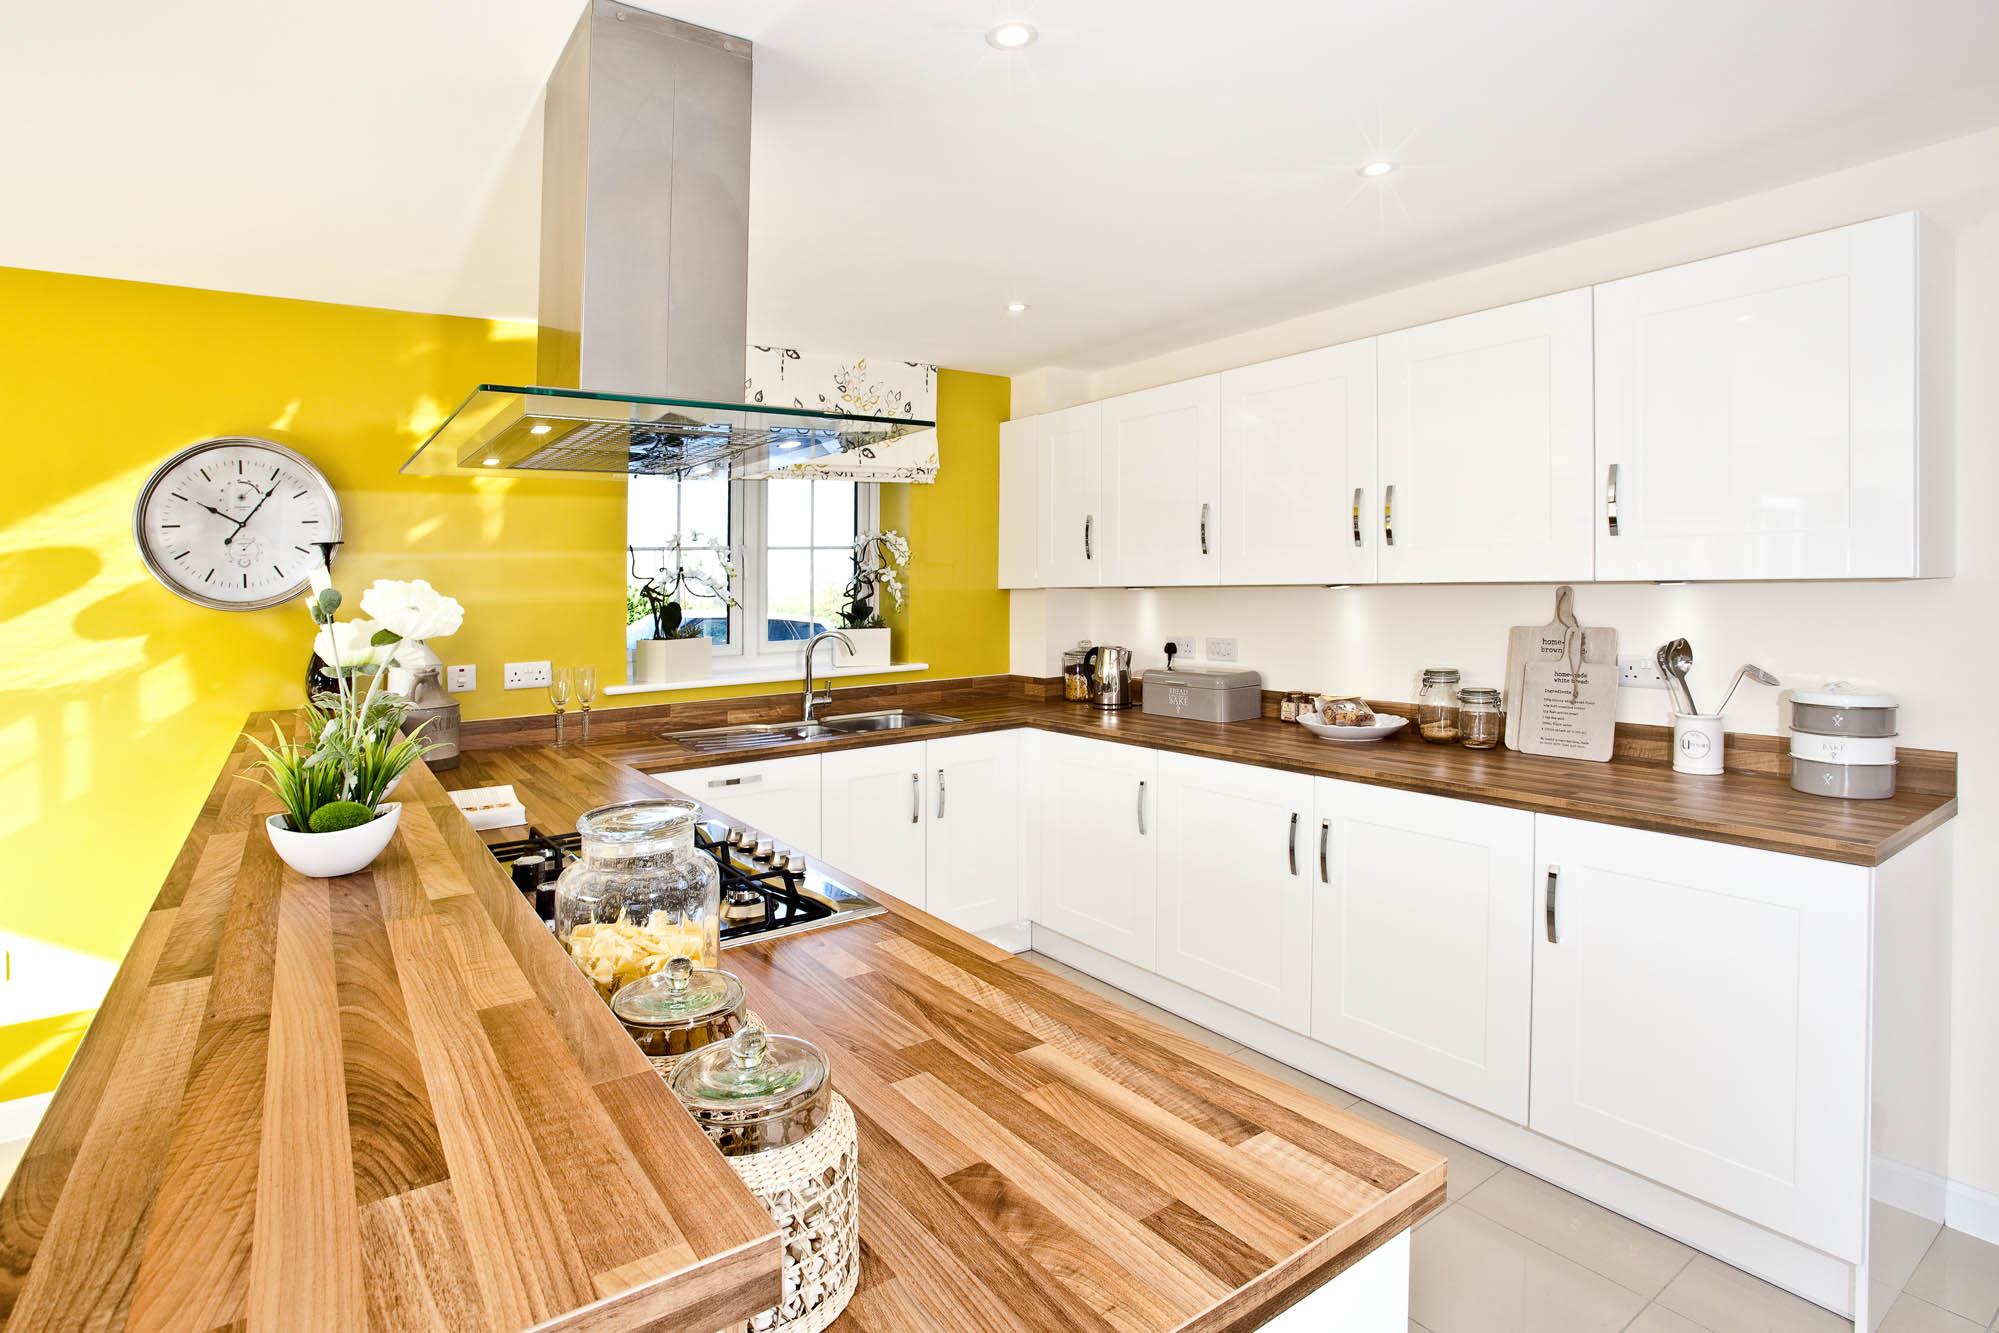 Beau Kitchen. Photography